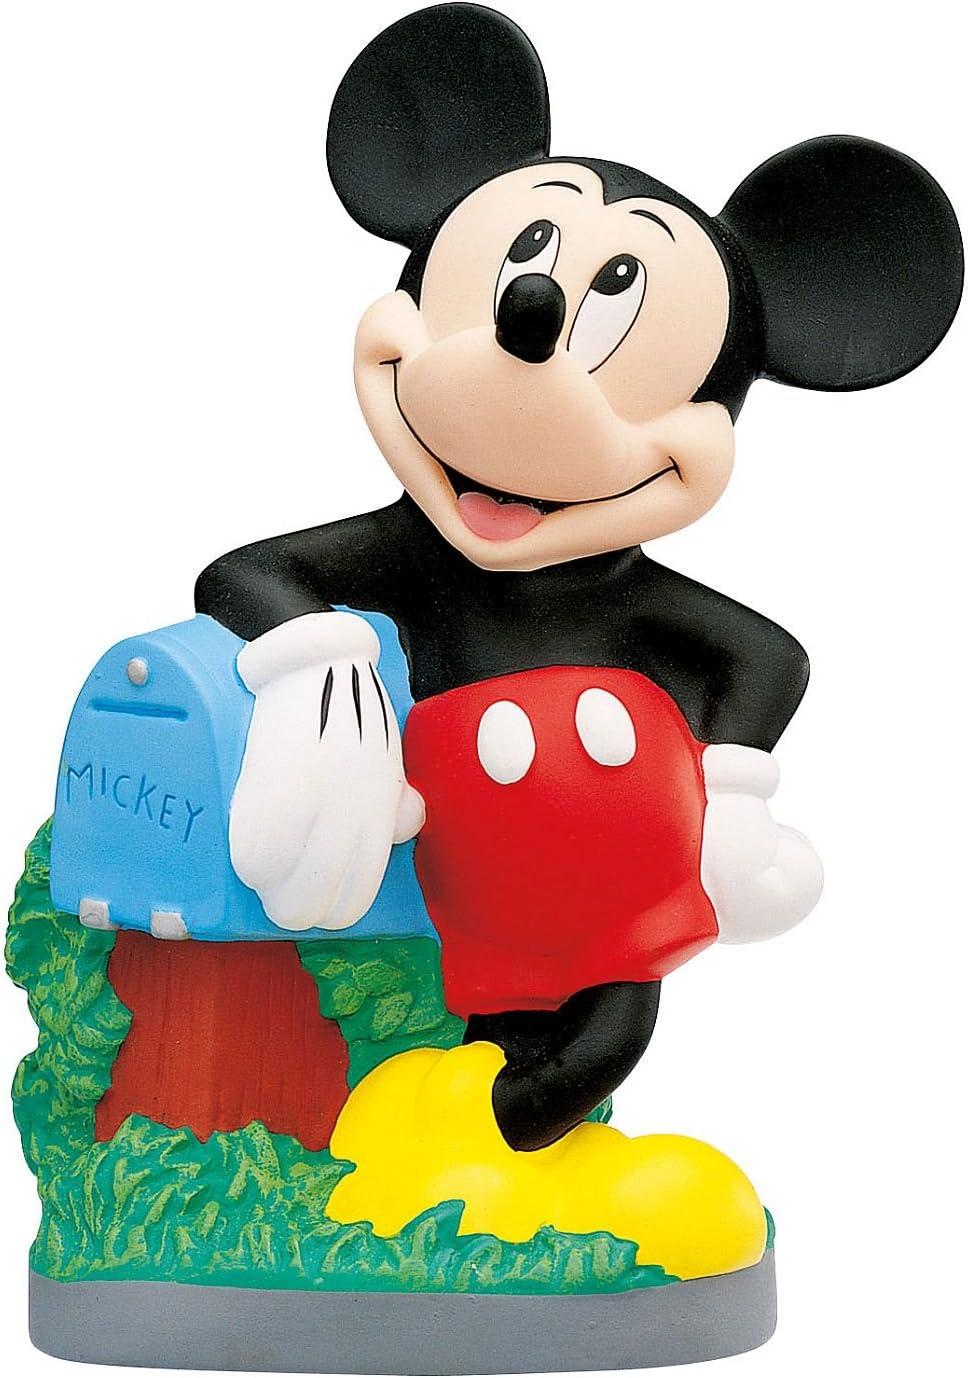 Bully Bullyland 15209-Hucha, Walt Disney Mickey Mouse, aprox. 23 cm de altura, un gran regalo niñas, ideal para el ahorro y el dinero de bolsillo, color colorido (15209)